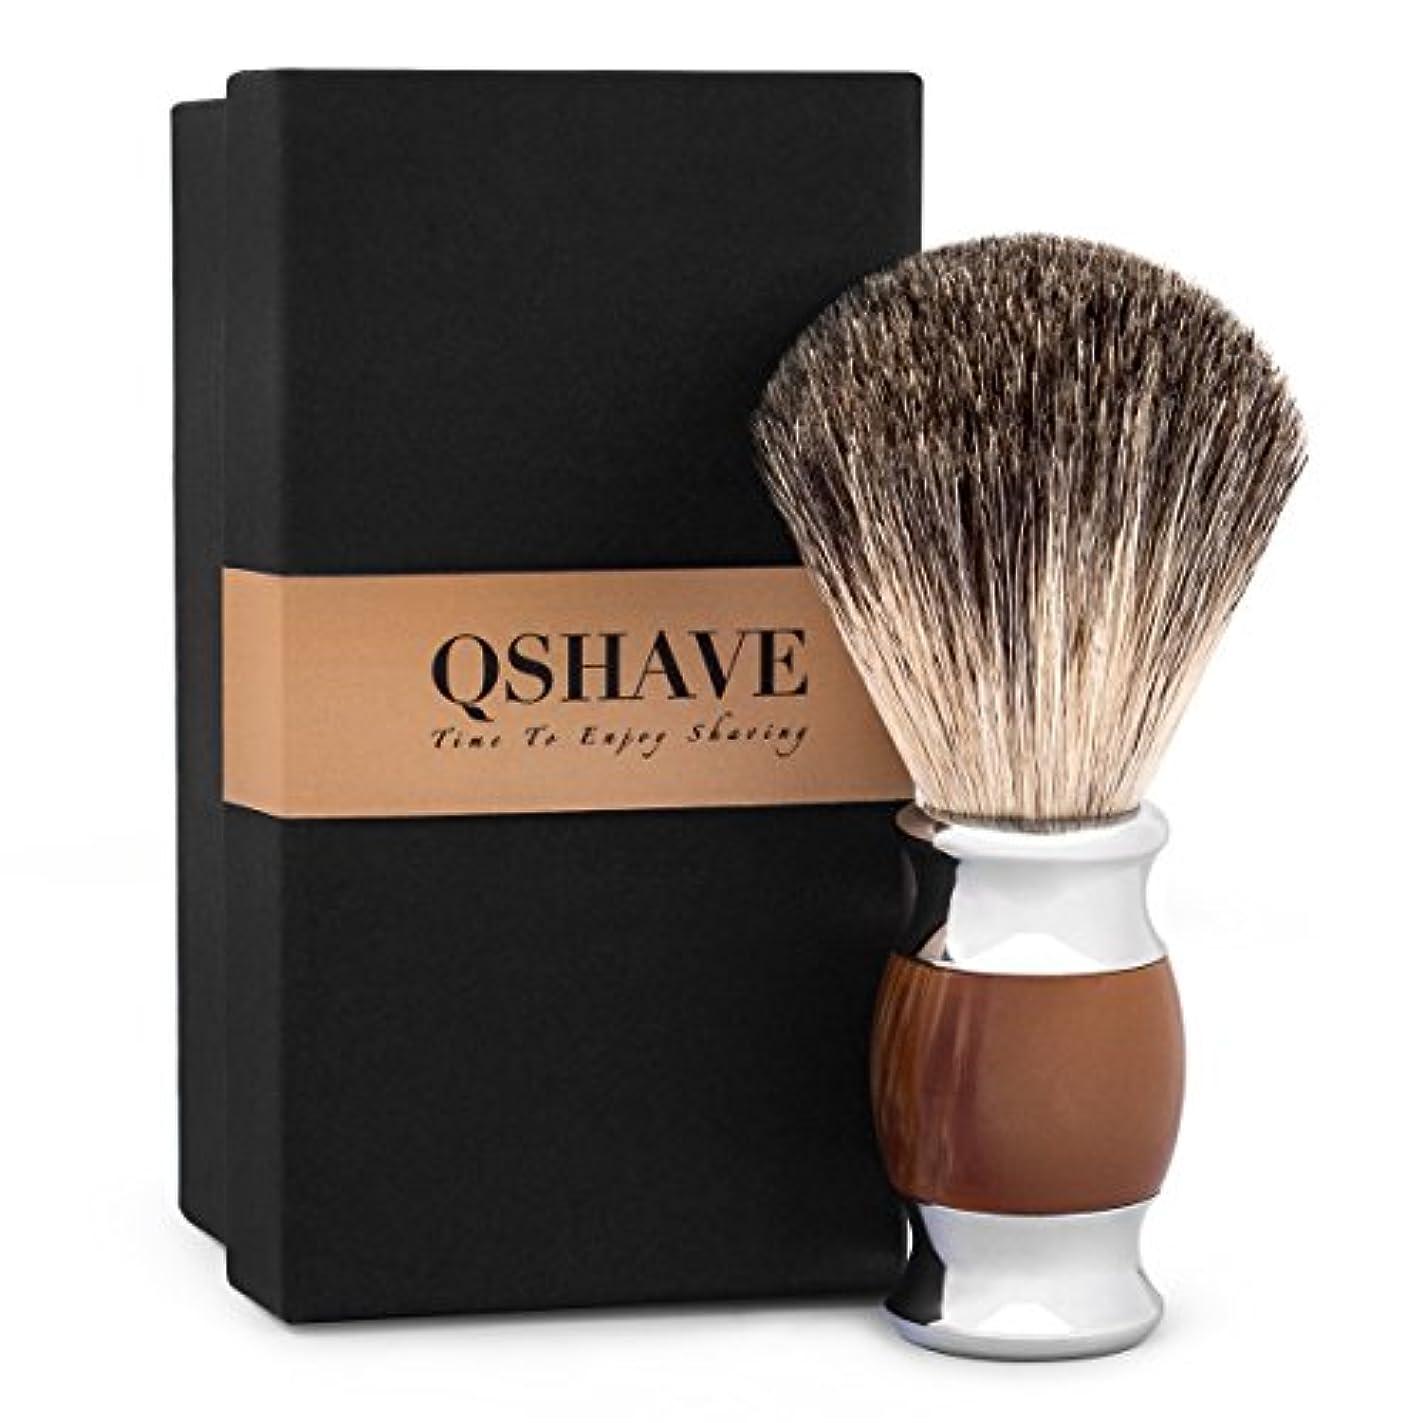 ヒューズリル裏切り者QSHAVE 100%最高級アナグマ毛オリジナルハンドメイドシェービングブラシ。人工メノウ ハンドル。ウェットシェービング、安全カミソリ、両刃カミソリに最適